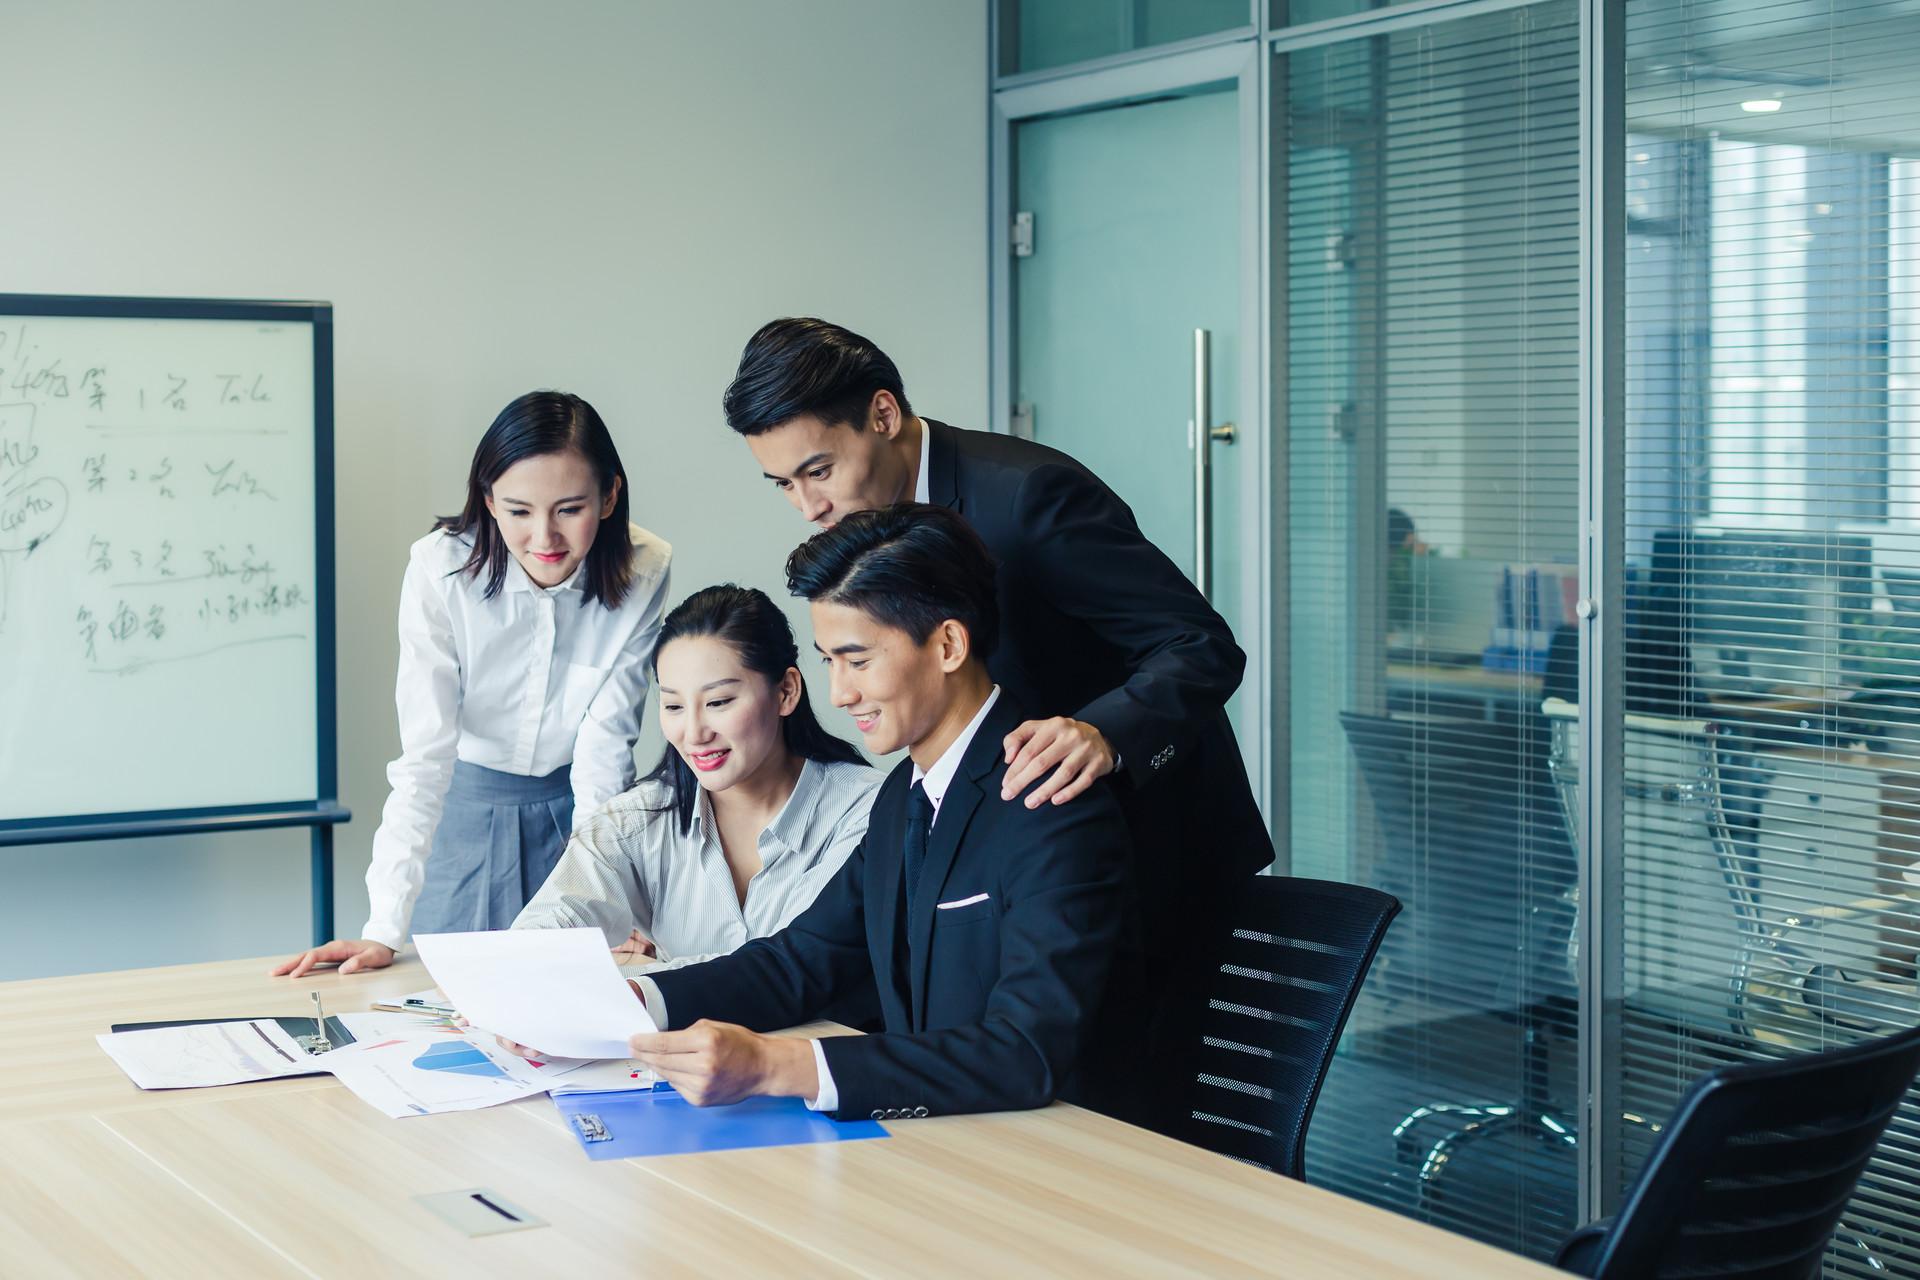 员工代缴社保 平台的优势很重要